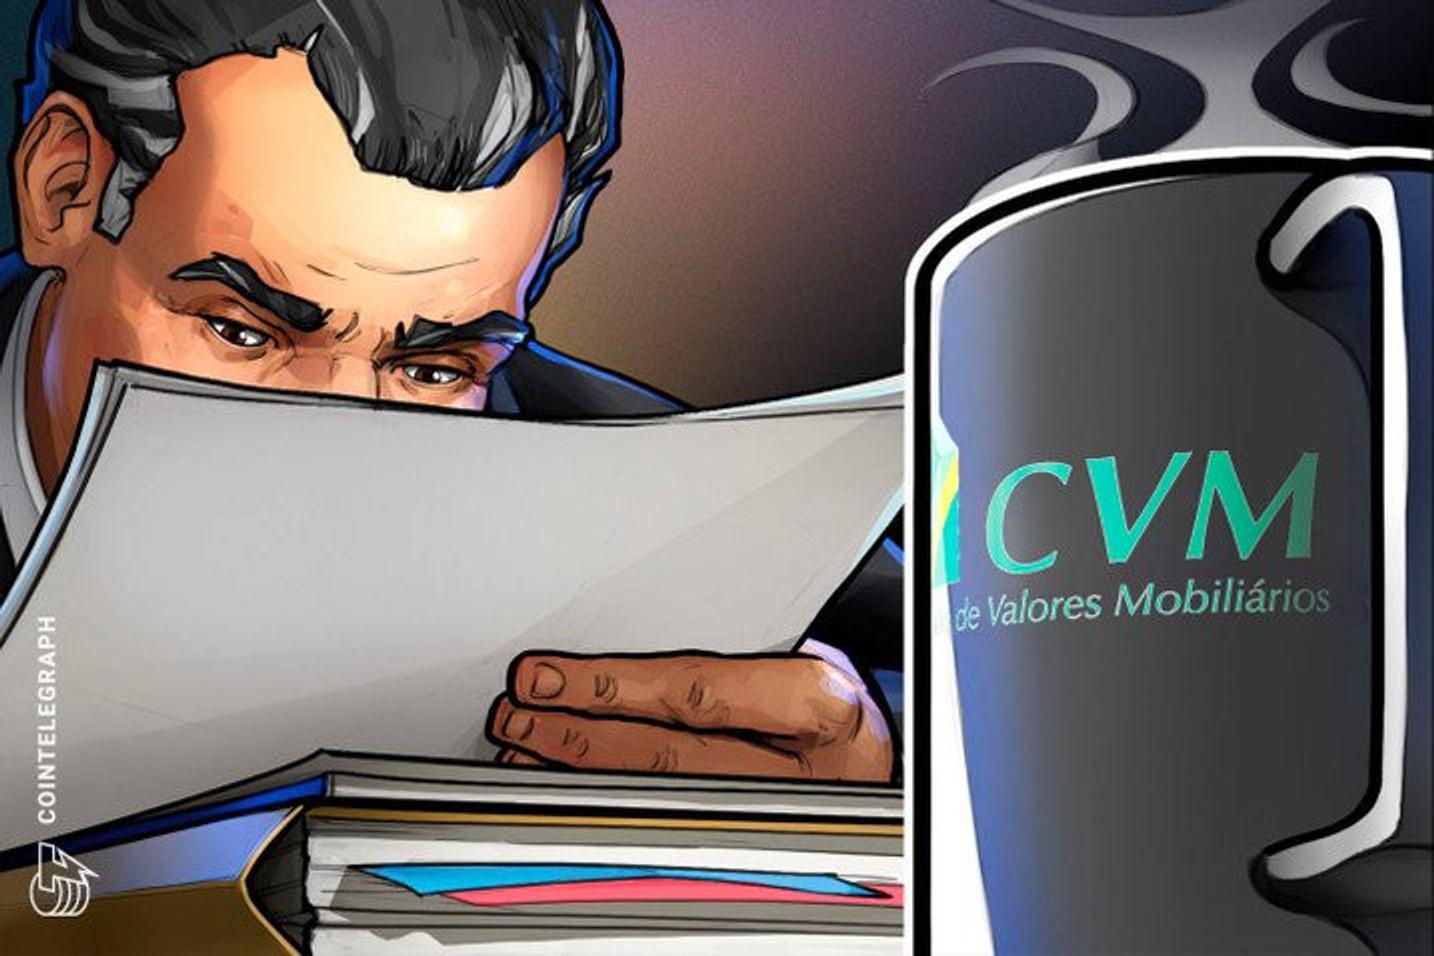 CVM publica orientações sobre lives e sugere que executivos devem comunicar a autarquia e enviar apresentação